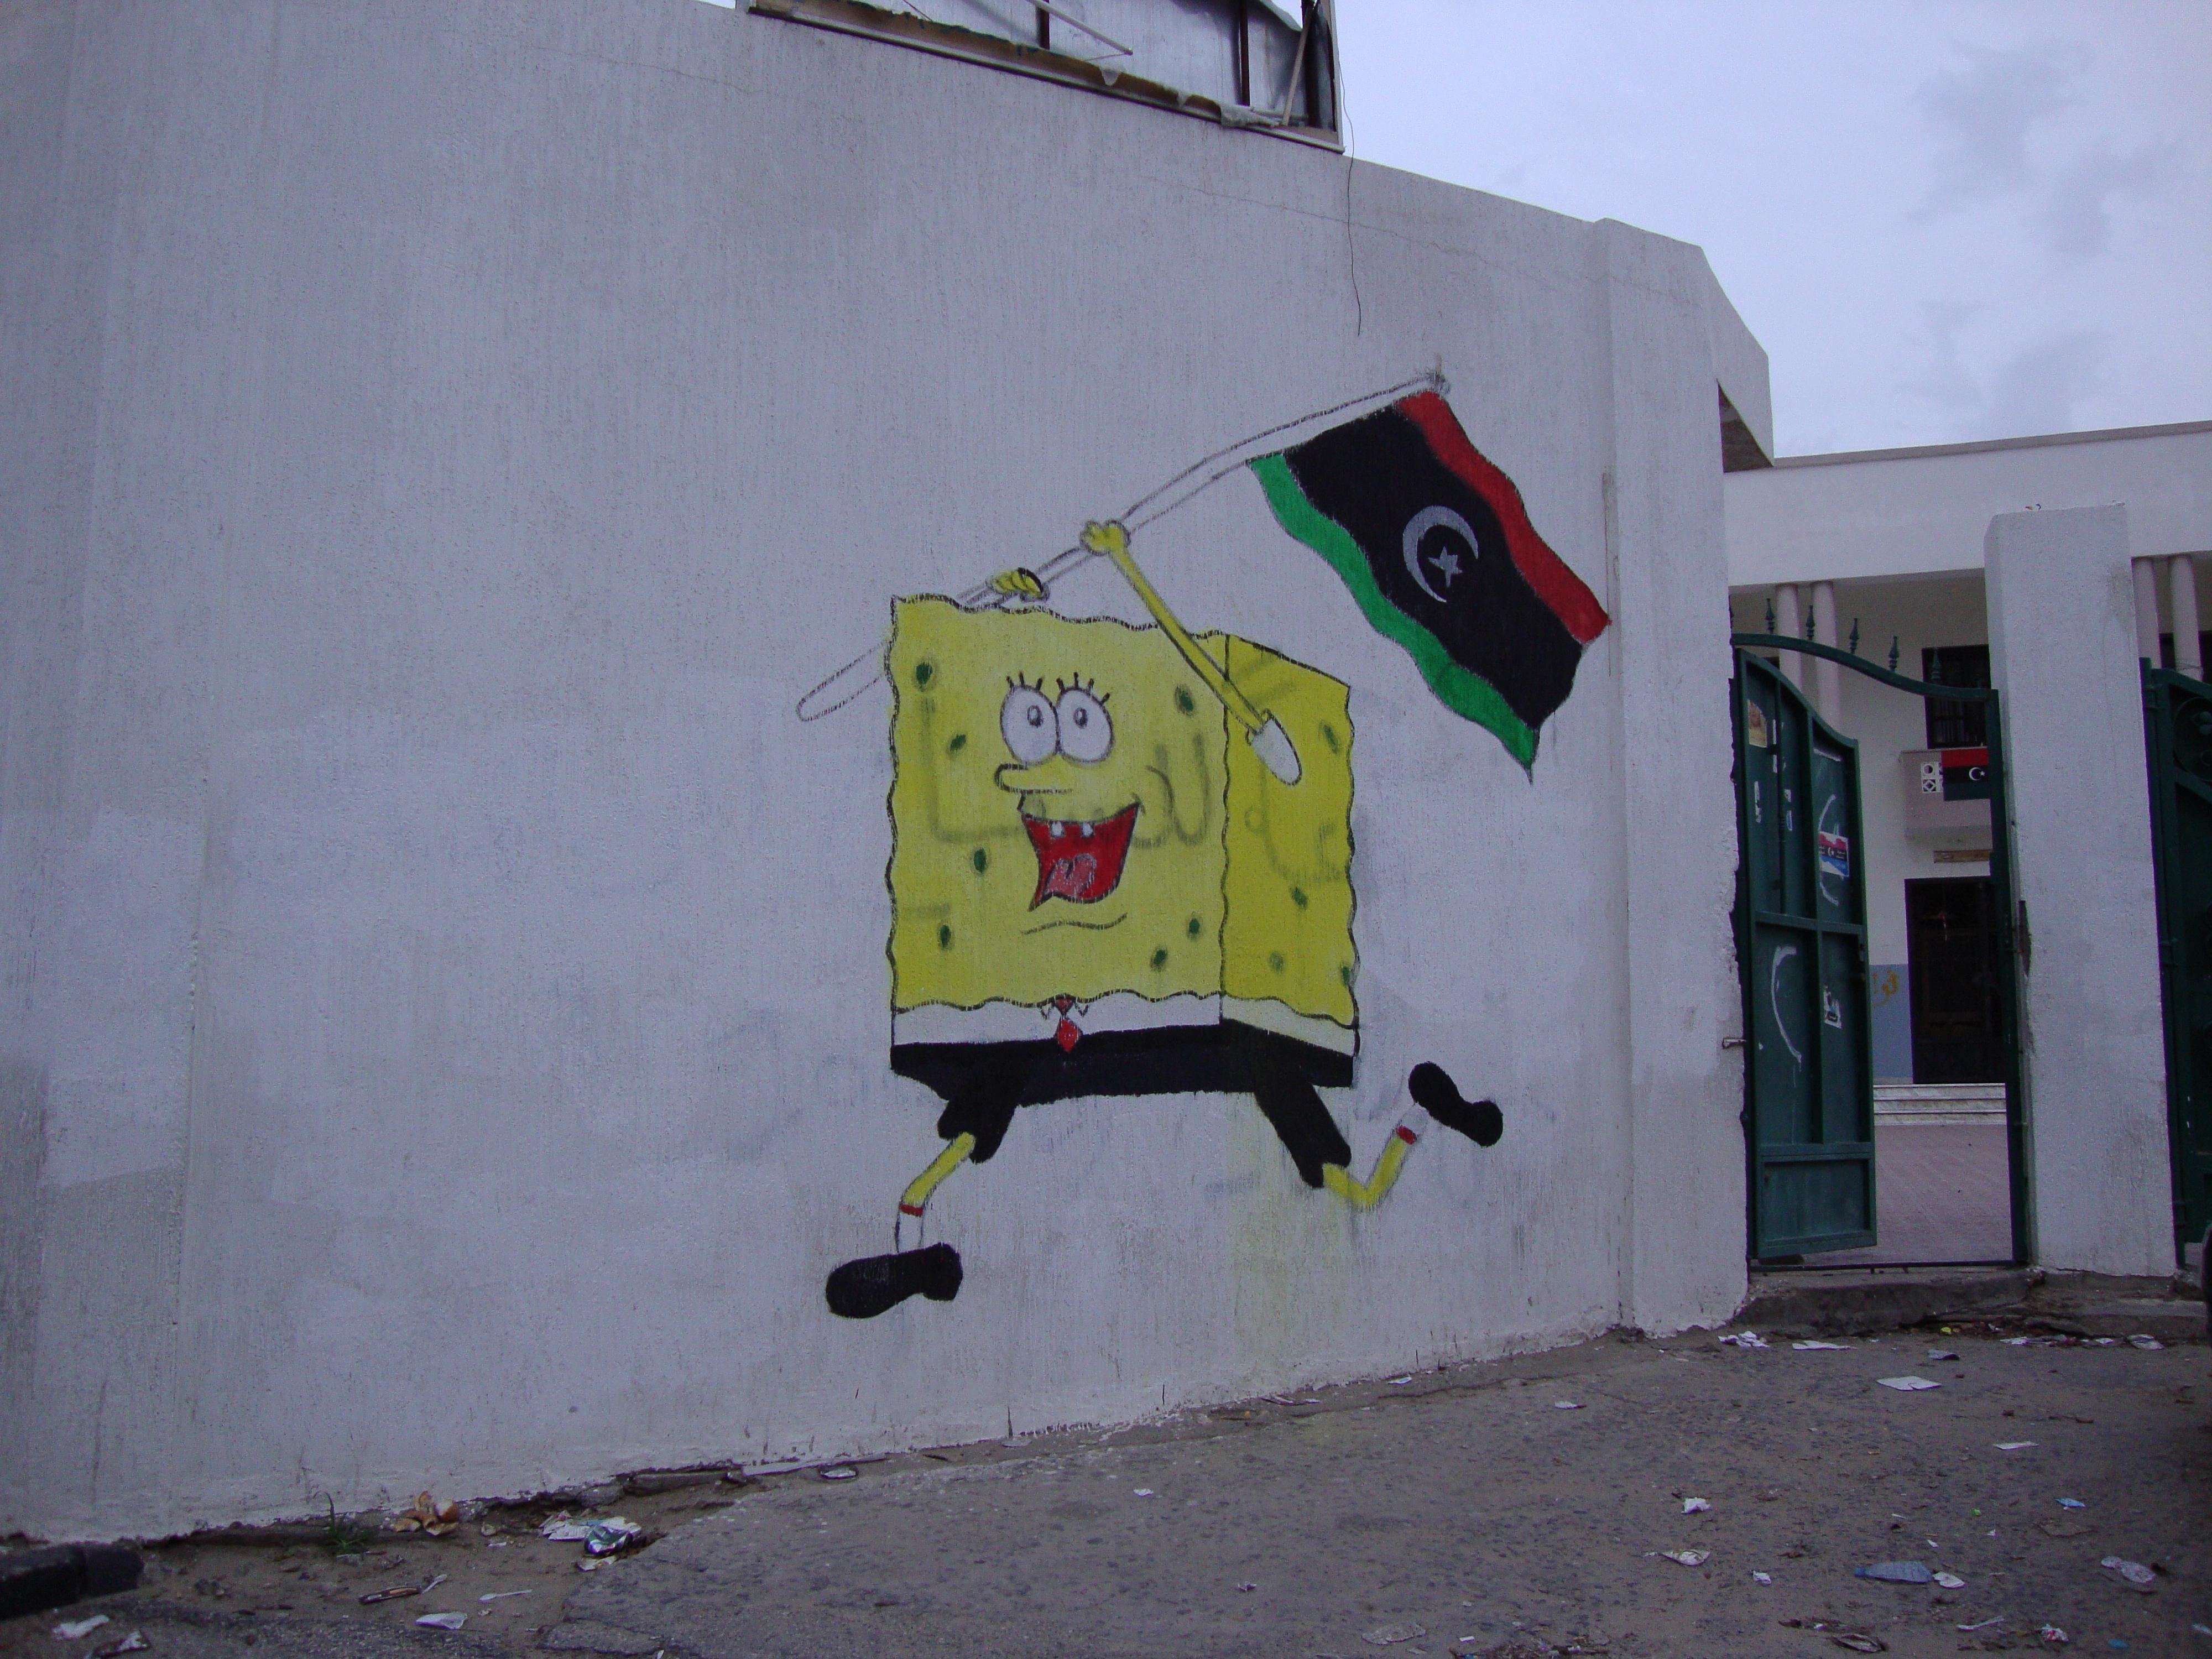 SpongeBob rebel